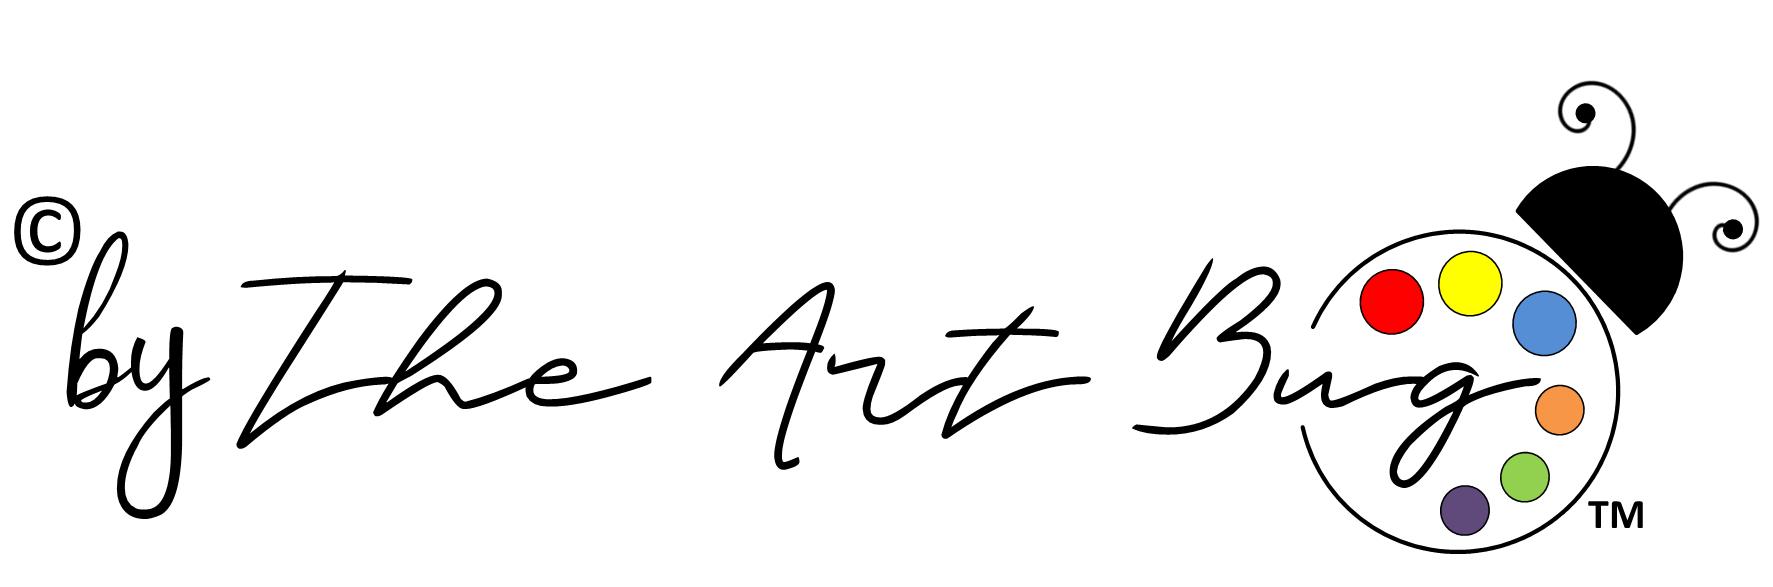 Art + Craft + Home Decor + Workshops